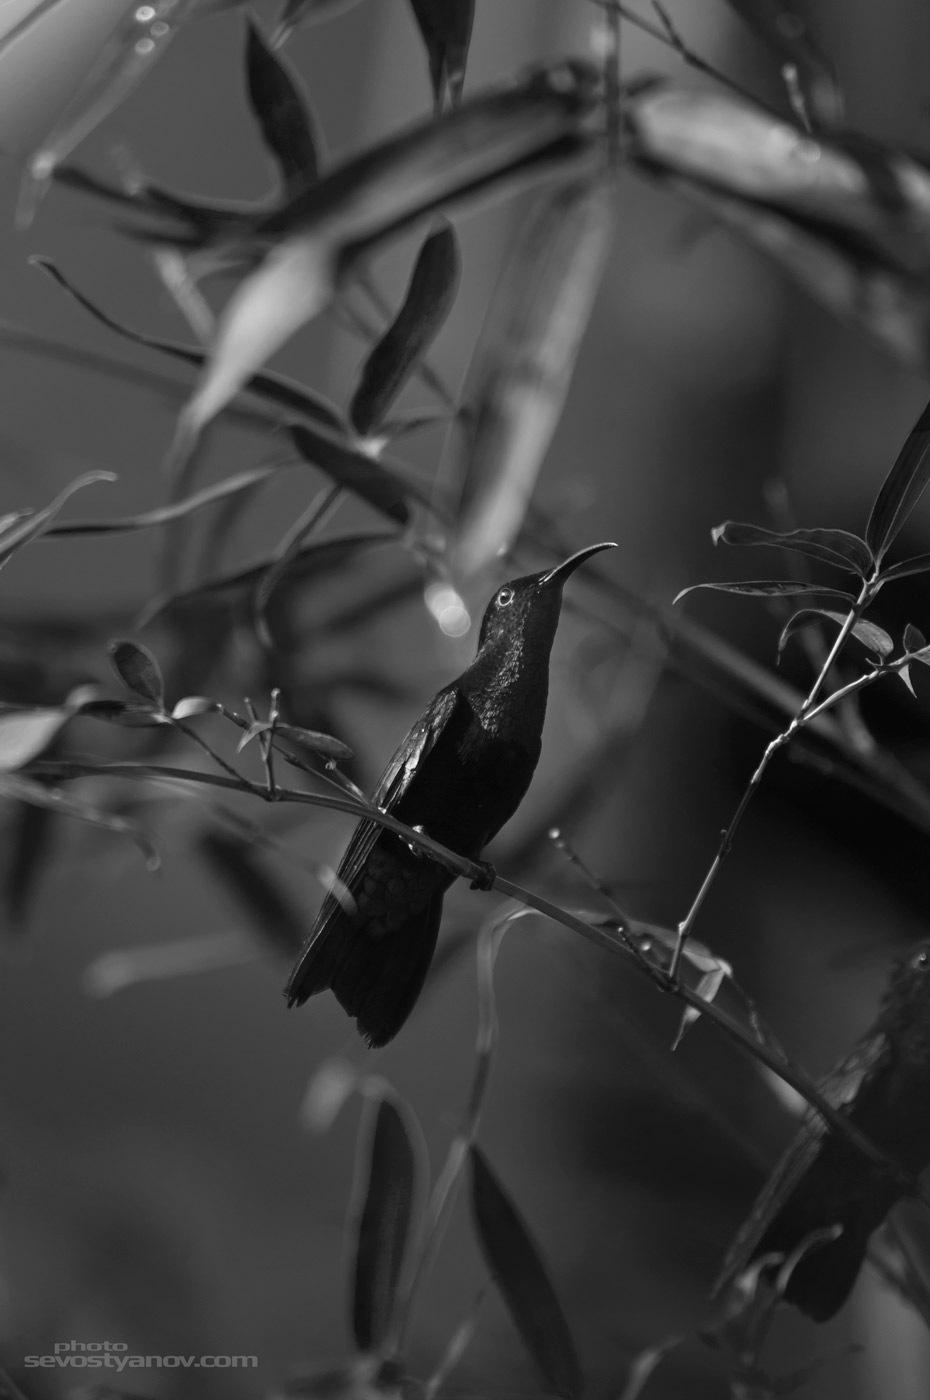 Colibri by cinema4design